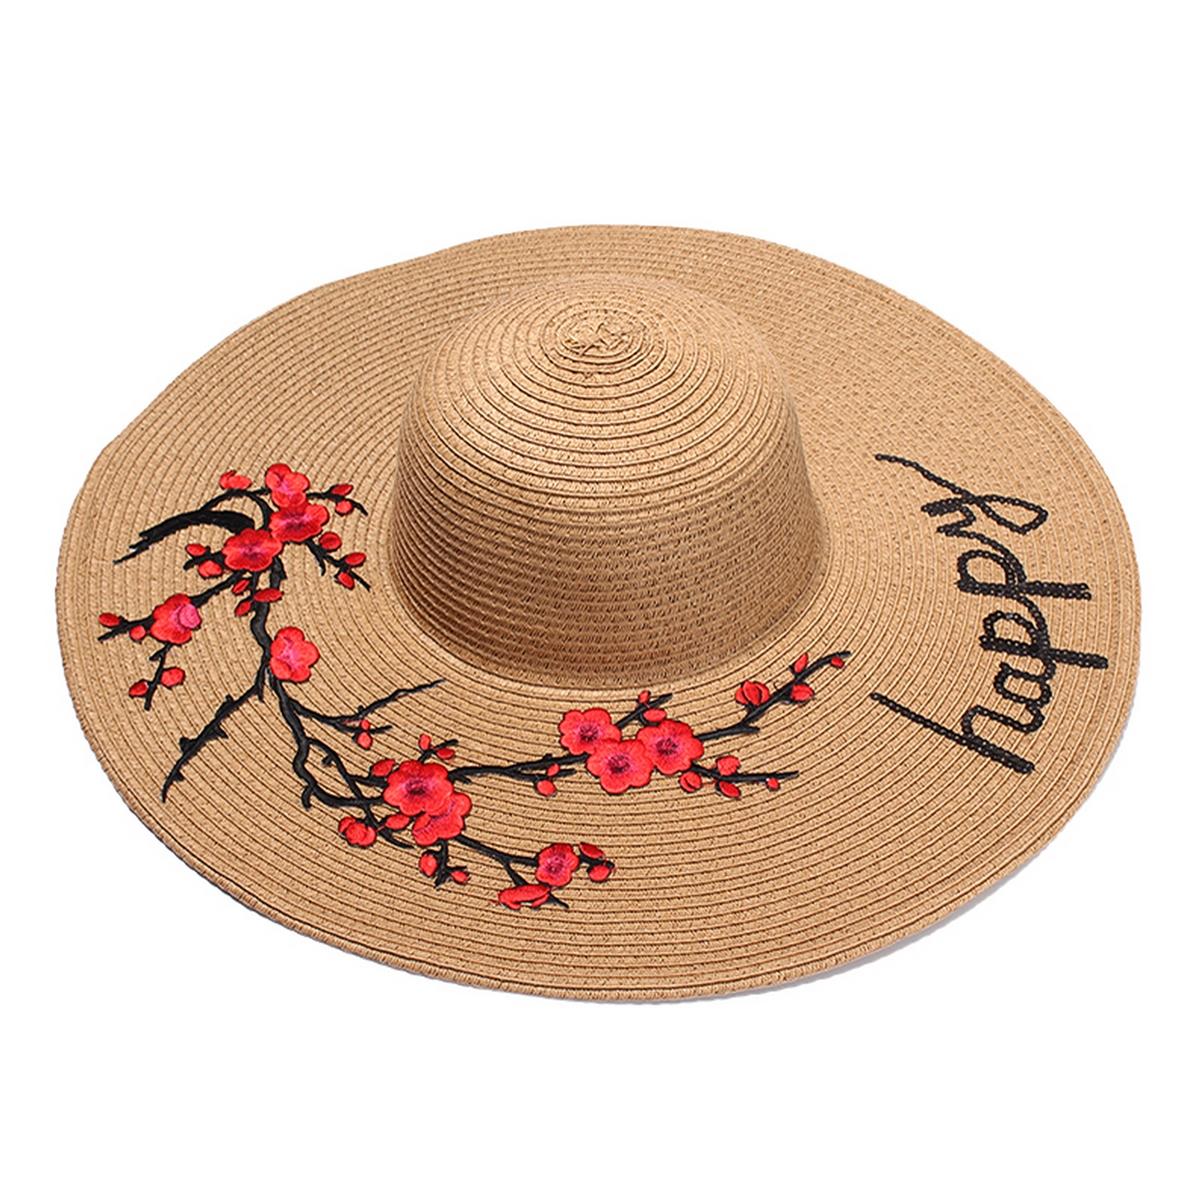 Fashion Culture 'Happy' Floral Applique Wide Brim Sun Hat, Natural